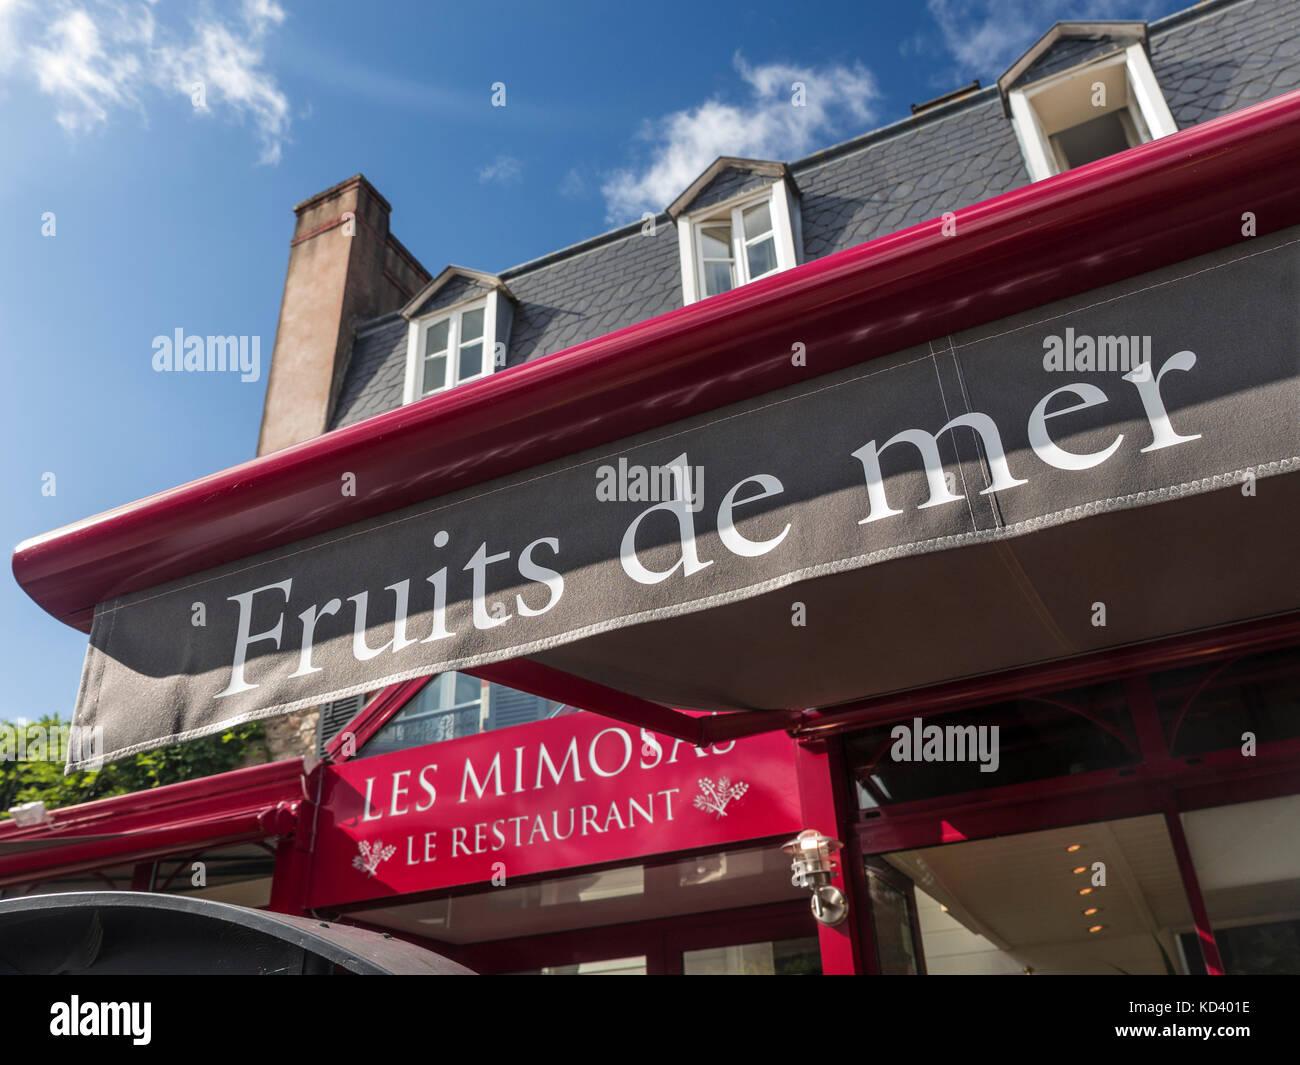 Der Blick auf die sonnenbeschienenen Les Mimosas Restaurant/Hotel Terrasse Sonnenschirm Förderung lokaler' Stockbild